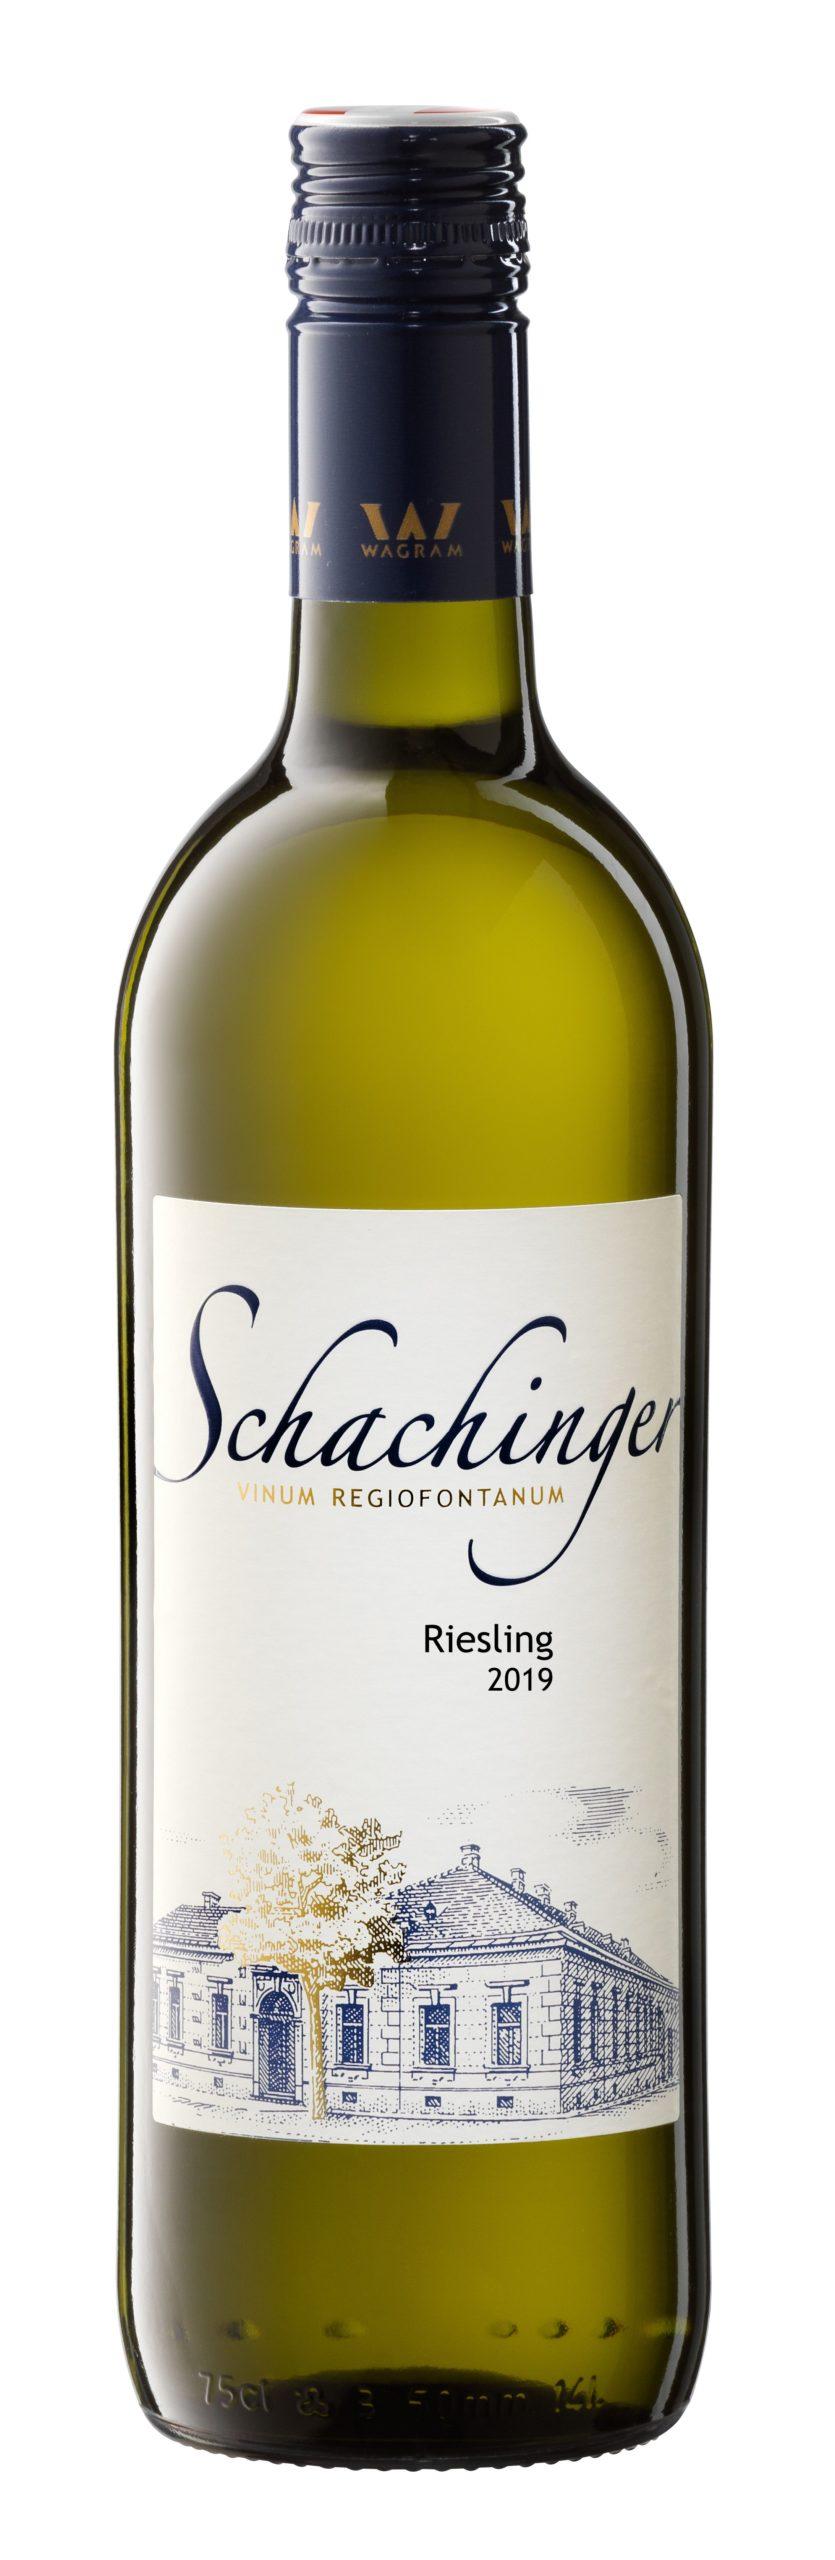 Riesling 2019 Weingut Schachinger Königsbrunn am Wagram